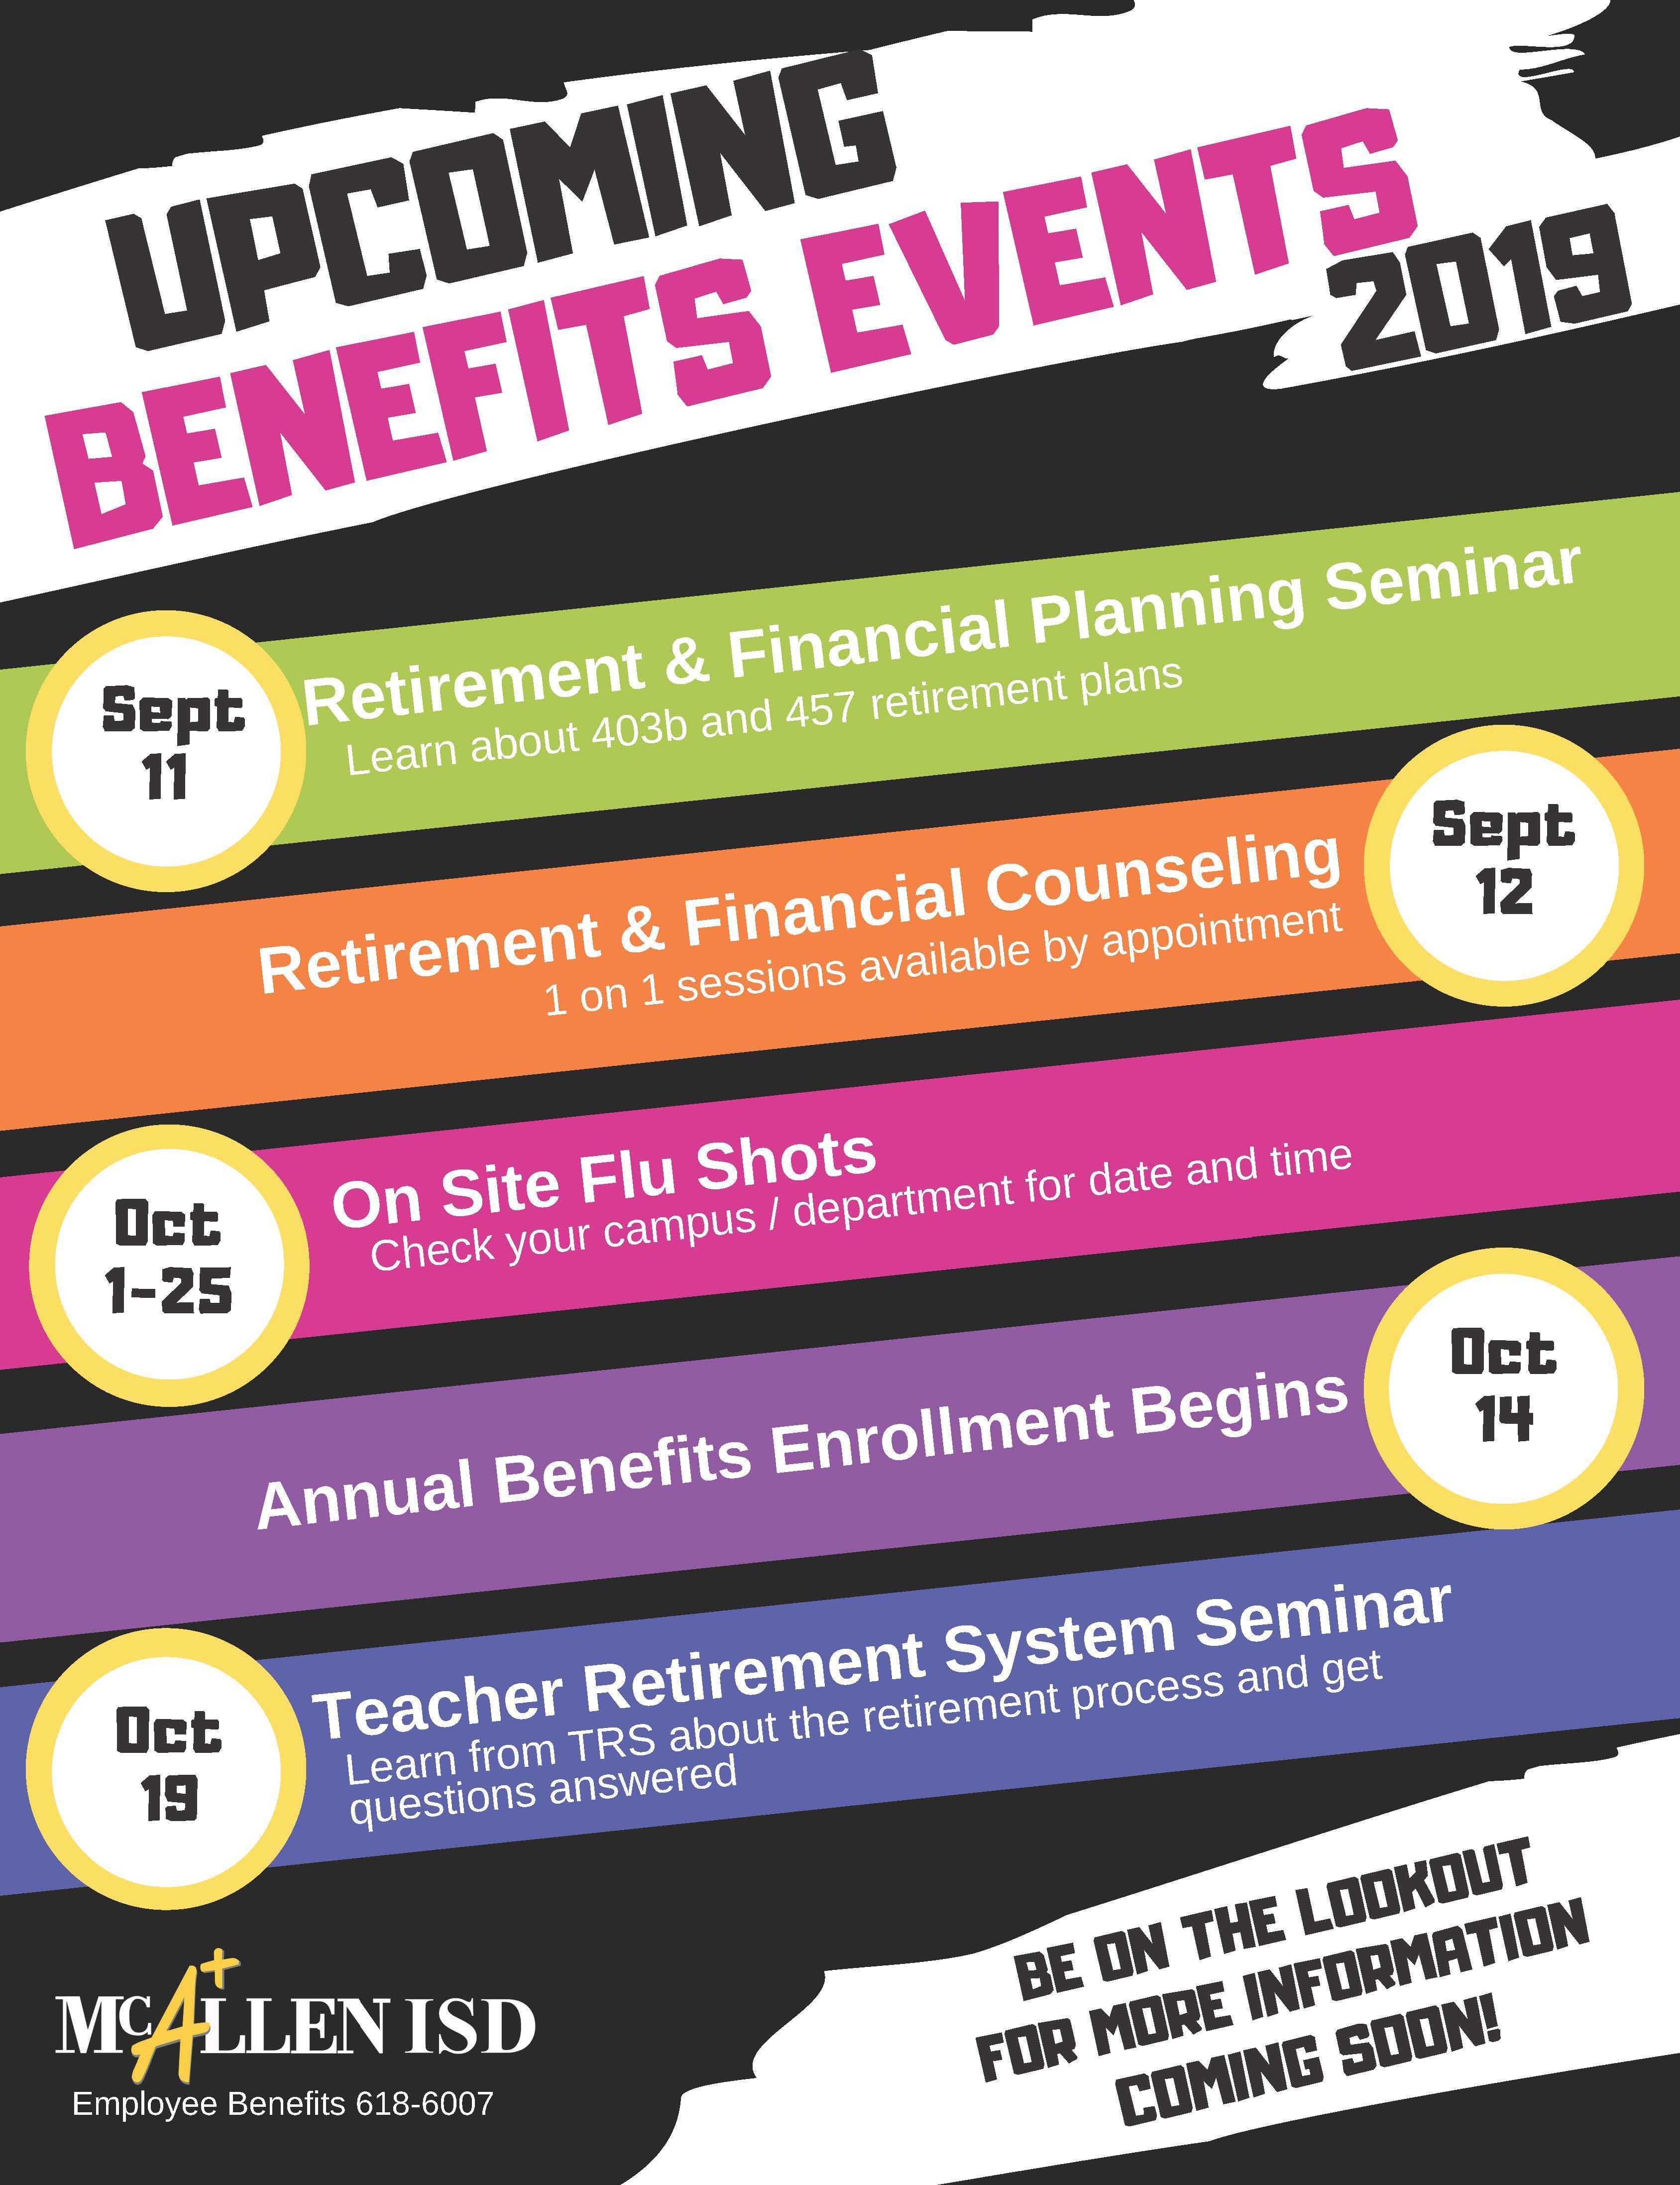 Upcoming Benefits